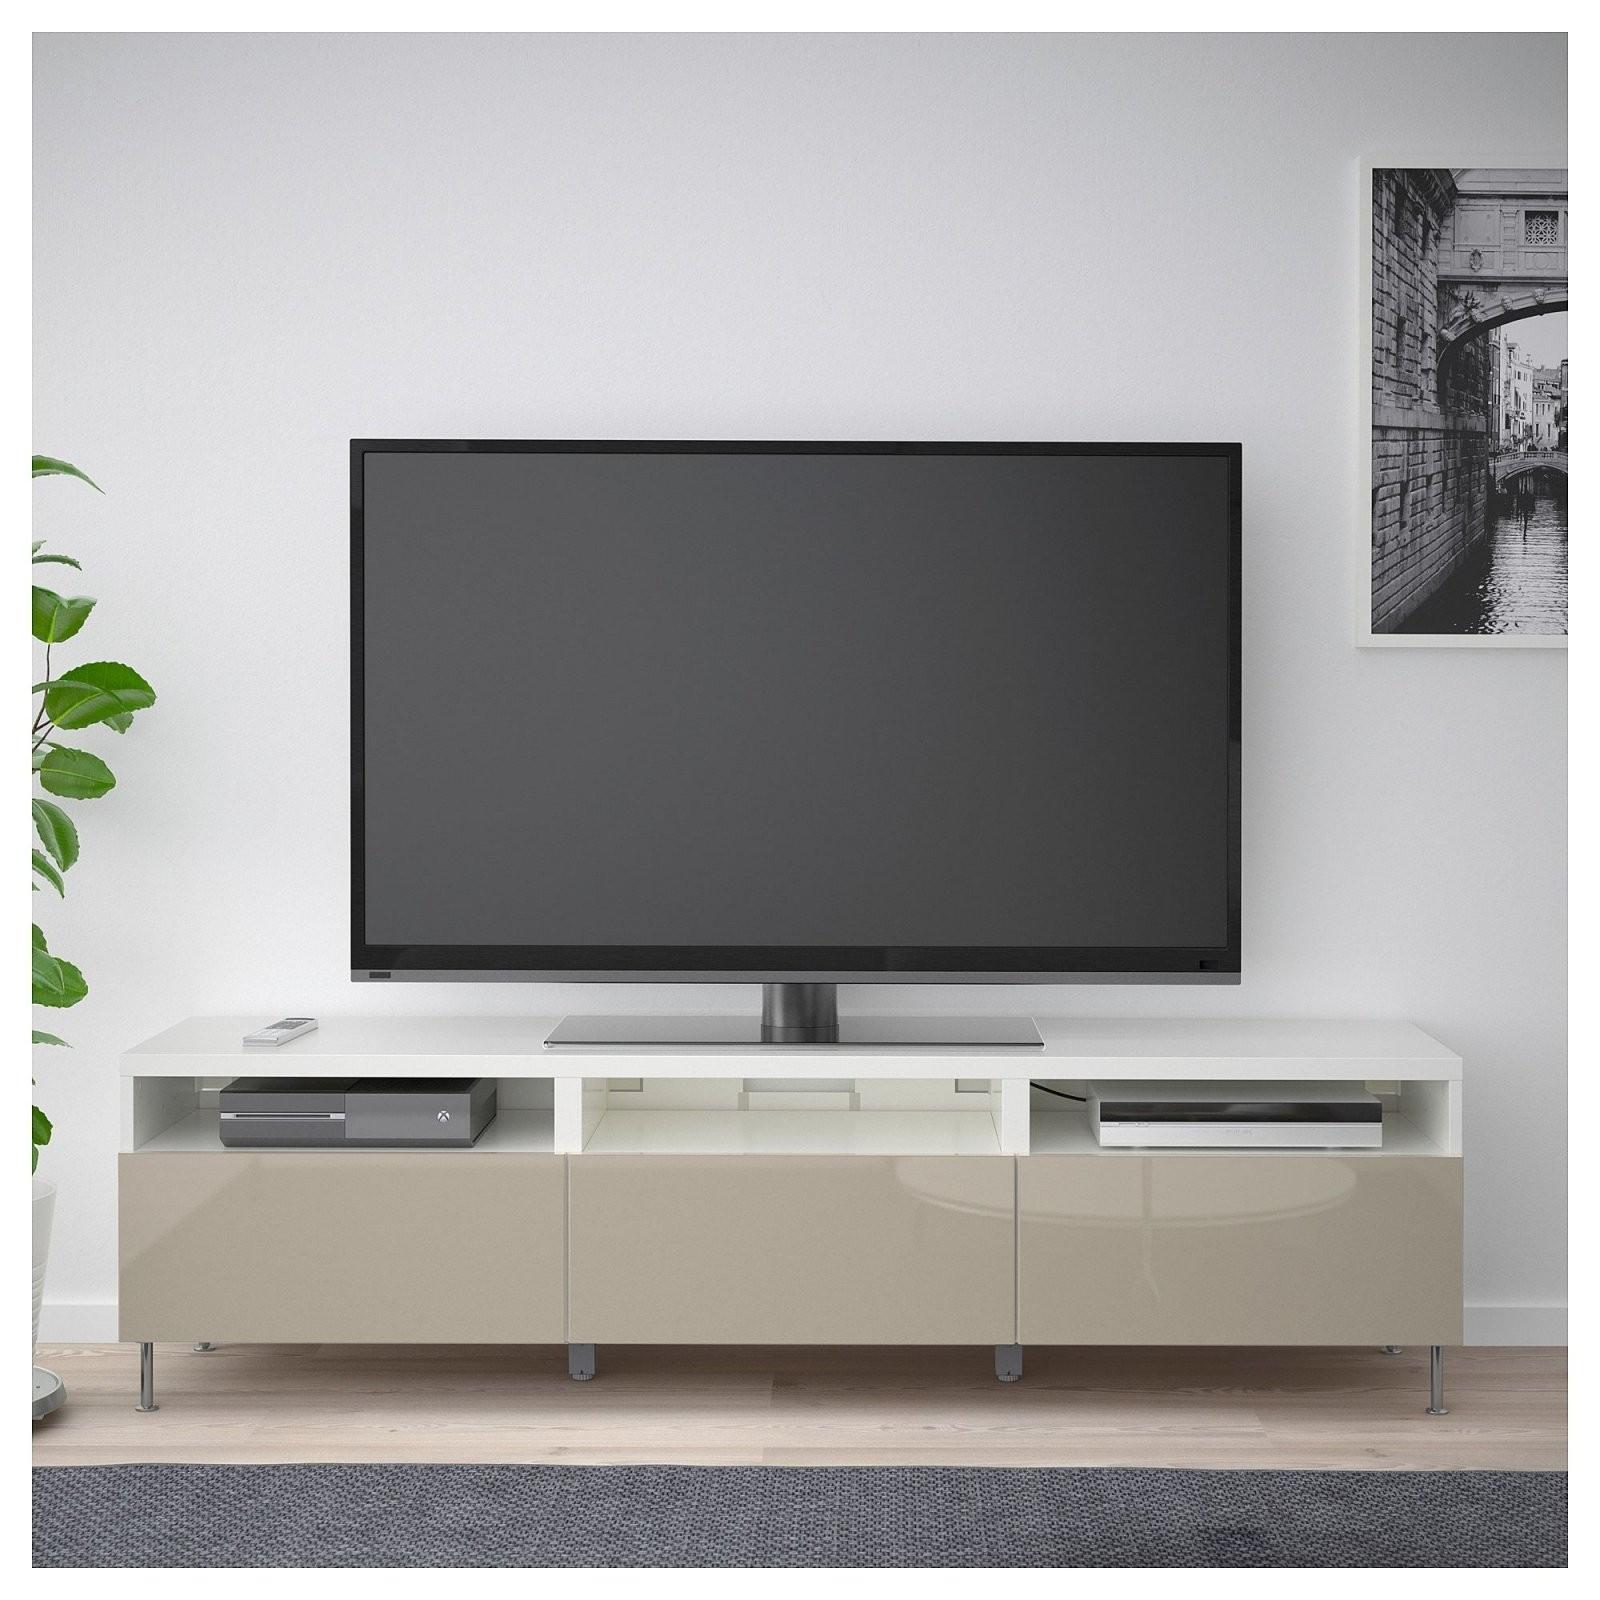 Bestå Tvbank Mit Schubladen Weiß Selsvikenstallarp Hochglanz von Ikea Wohnwand Weiß Hochglanz Bild